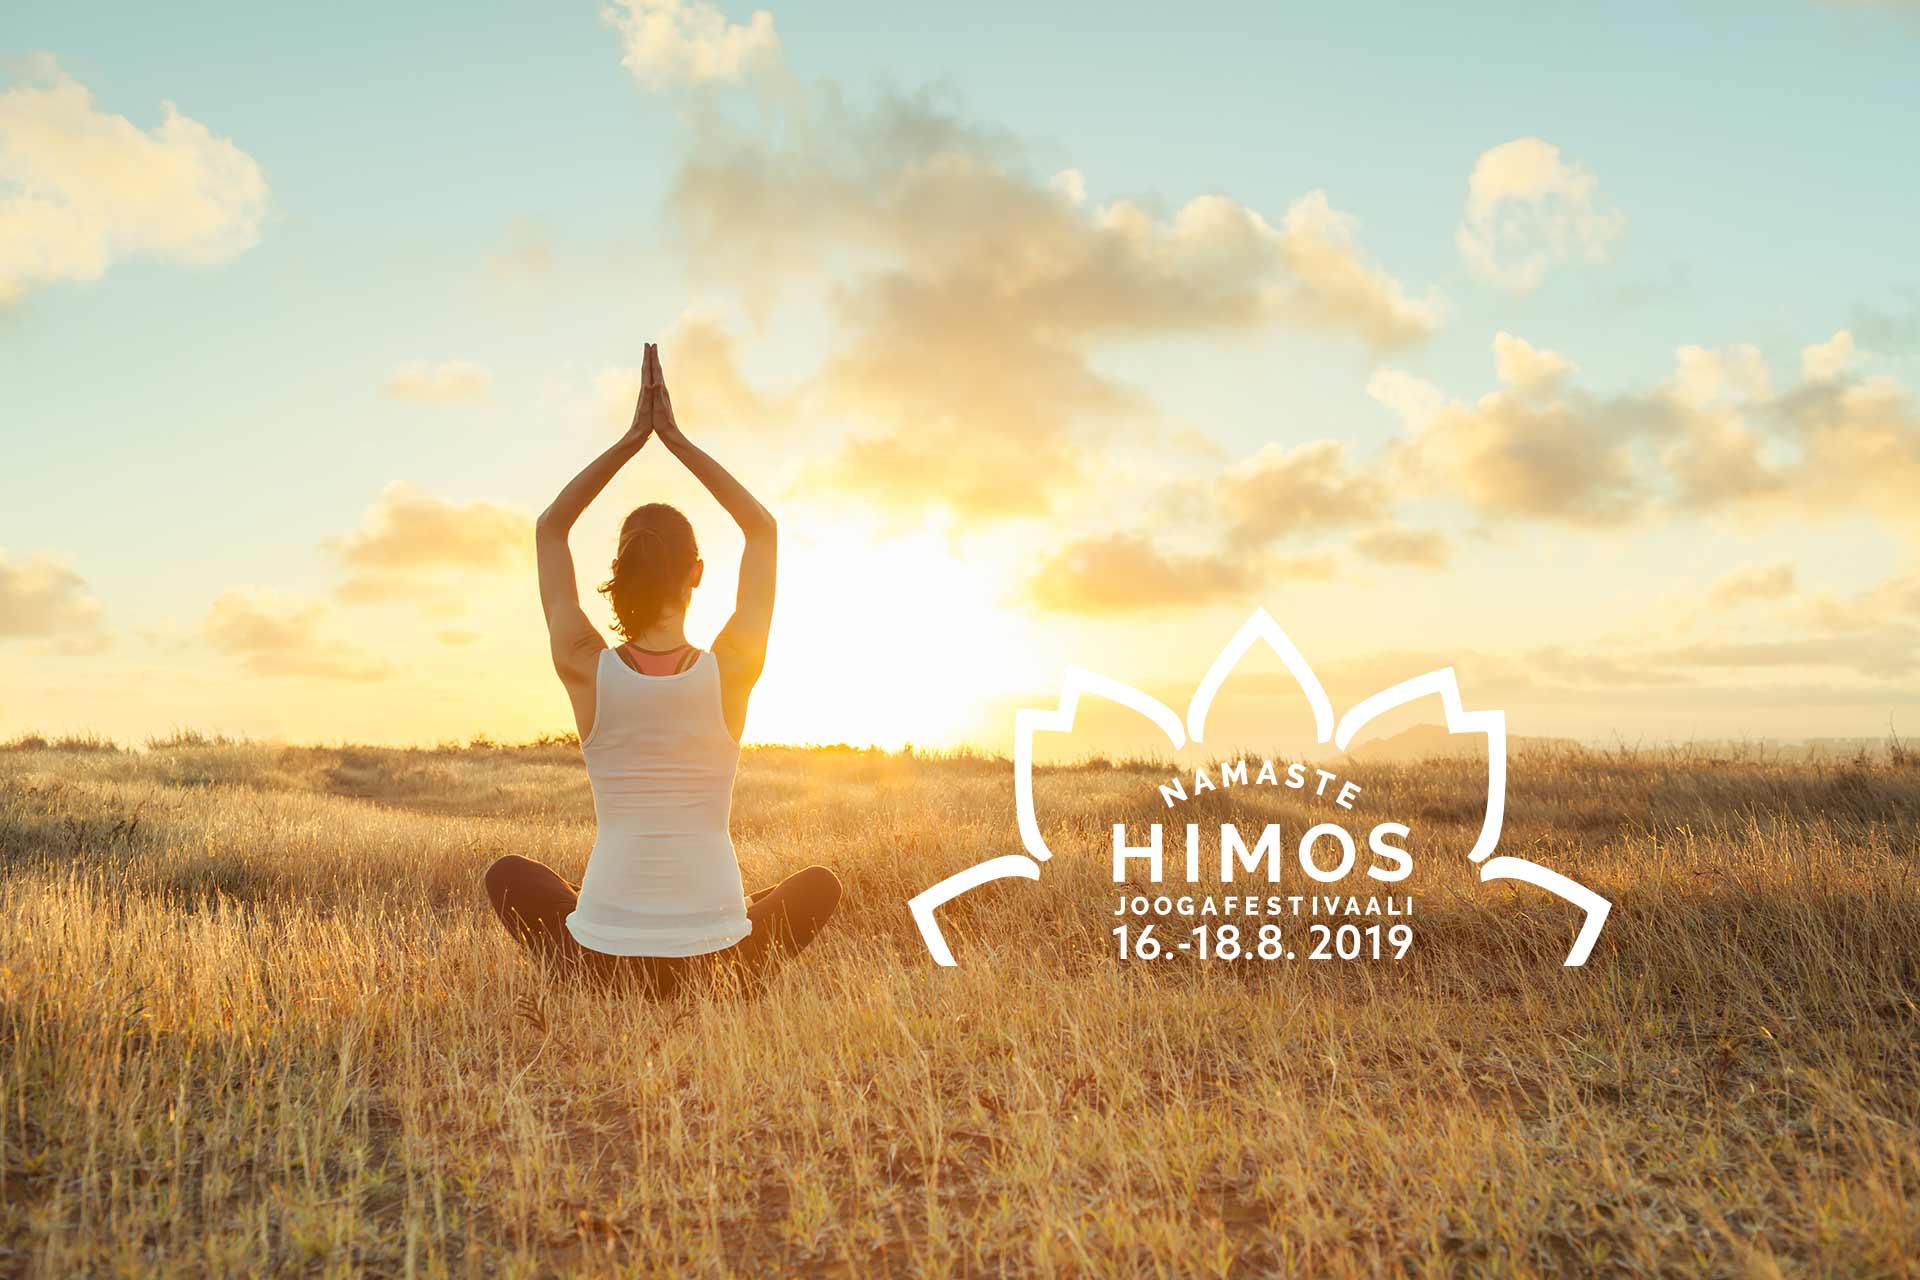 Namaste Himos -joogafestivaali